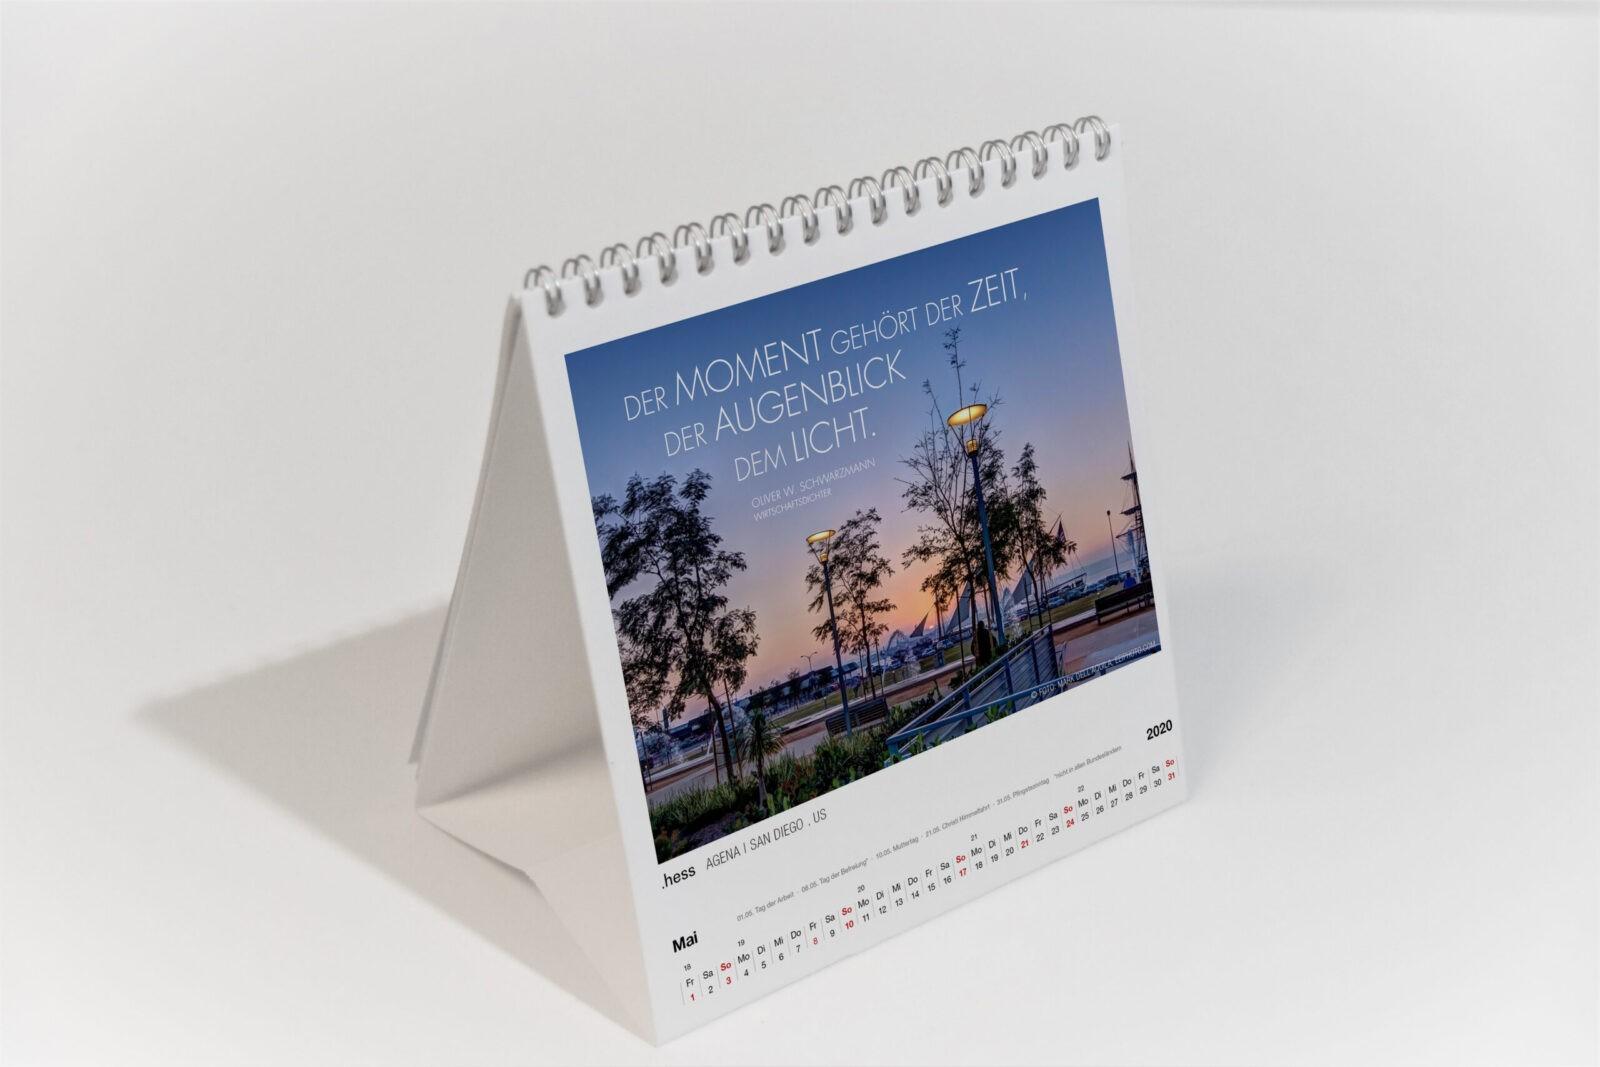 tischkalender-hess-innenseite